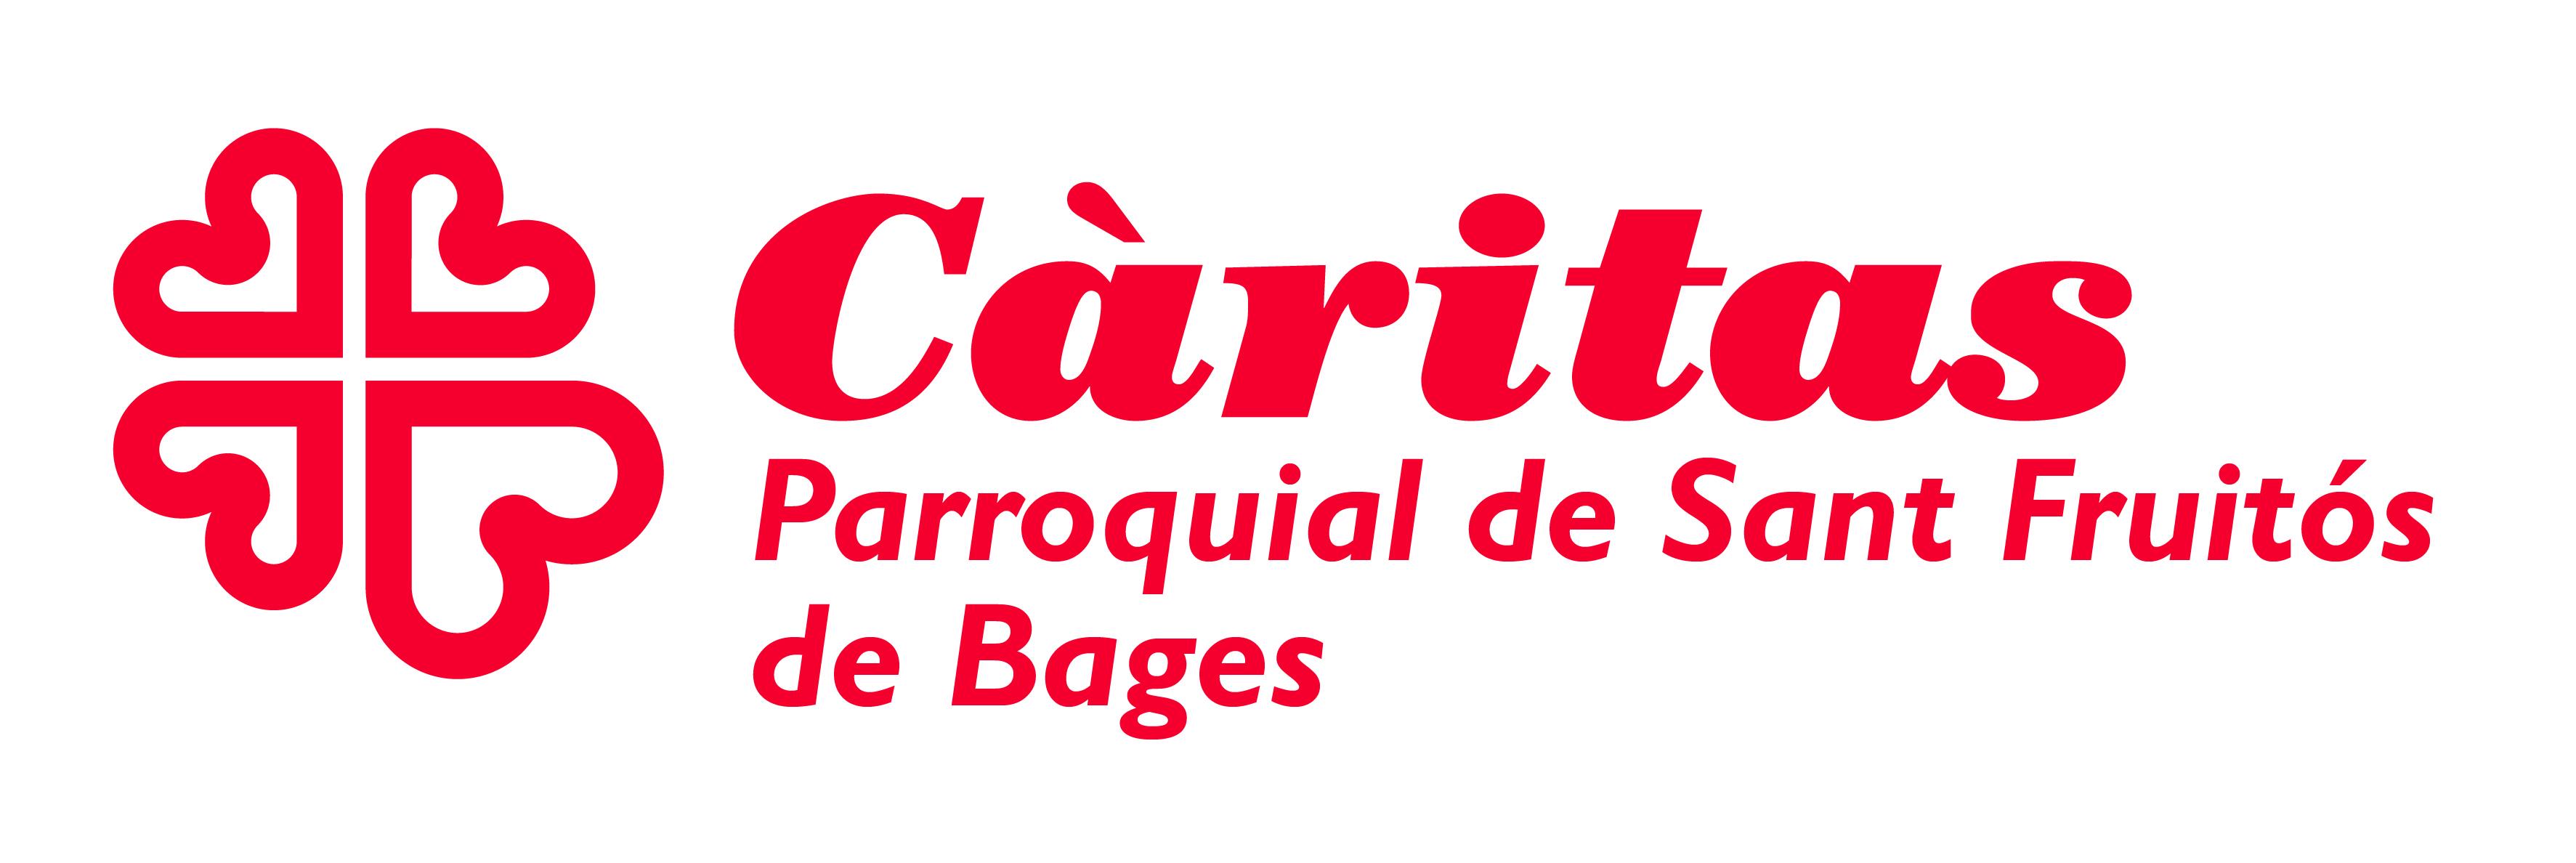 Càritas Diocesana de Vic - Parroquial de Sant fruitós de Bages